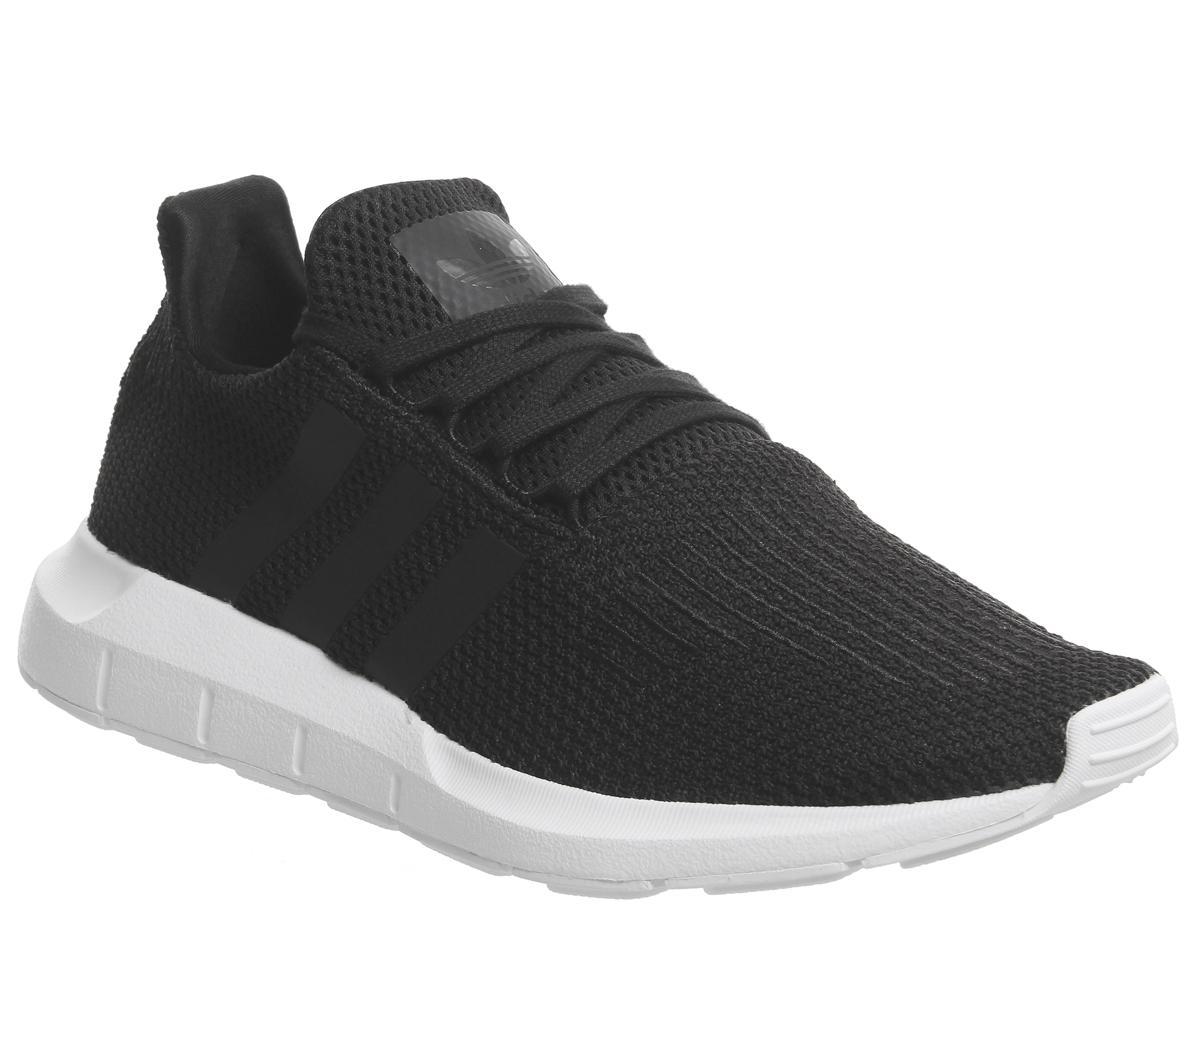 adidas Swift Run Black Mono Hers trainers